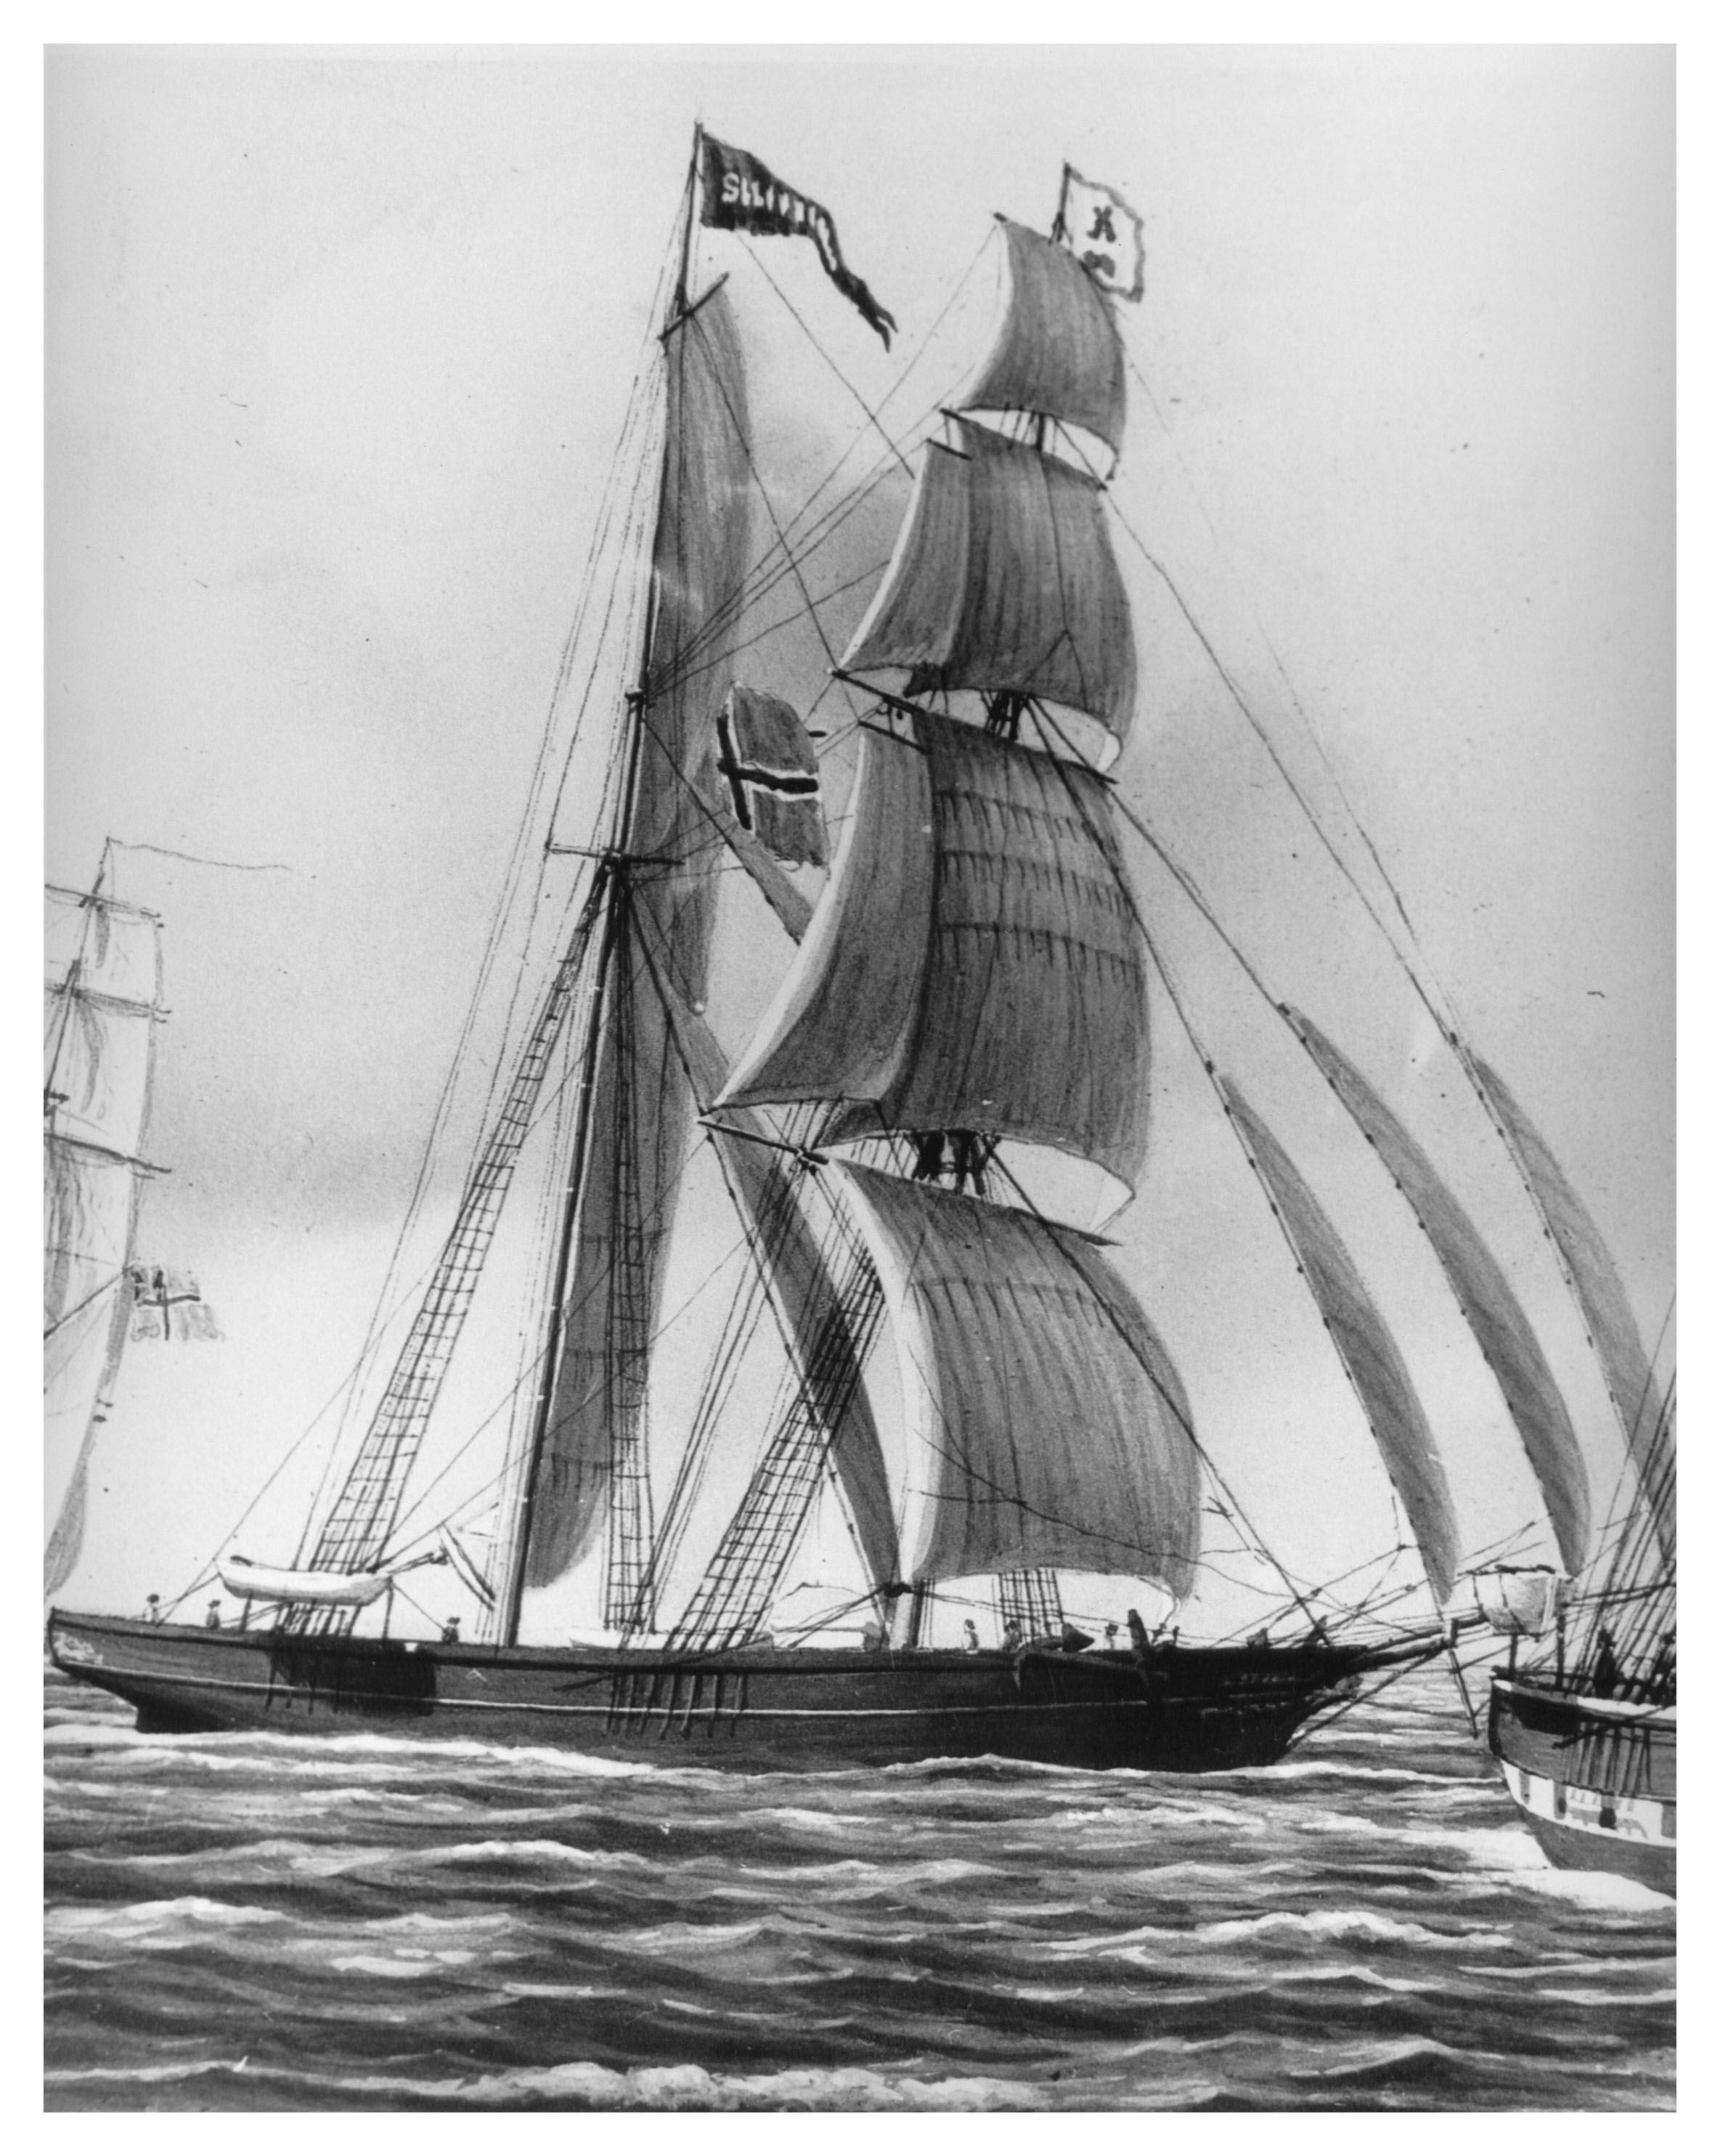 366d7feb849f Lake Lillian history 1864 - 2014 by Inger Giæver